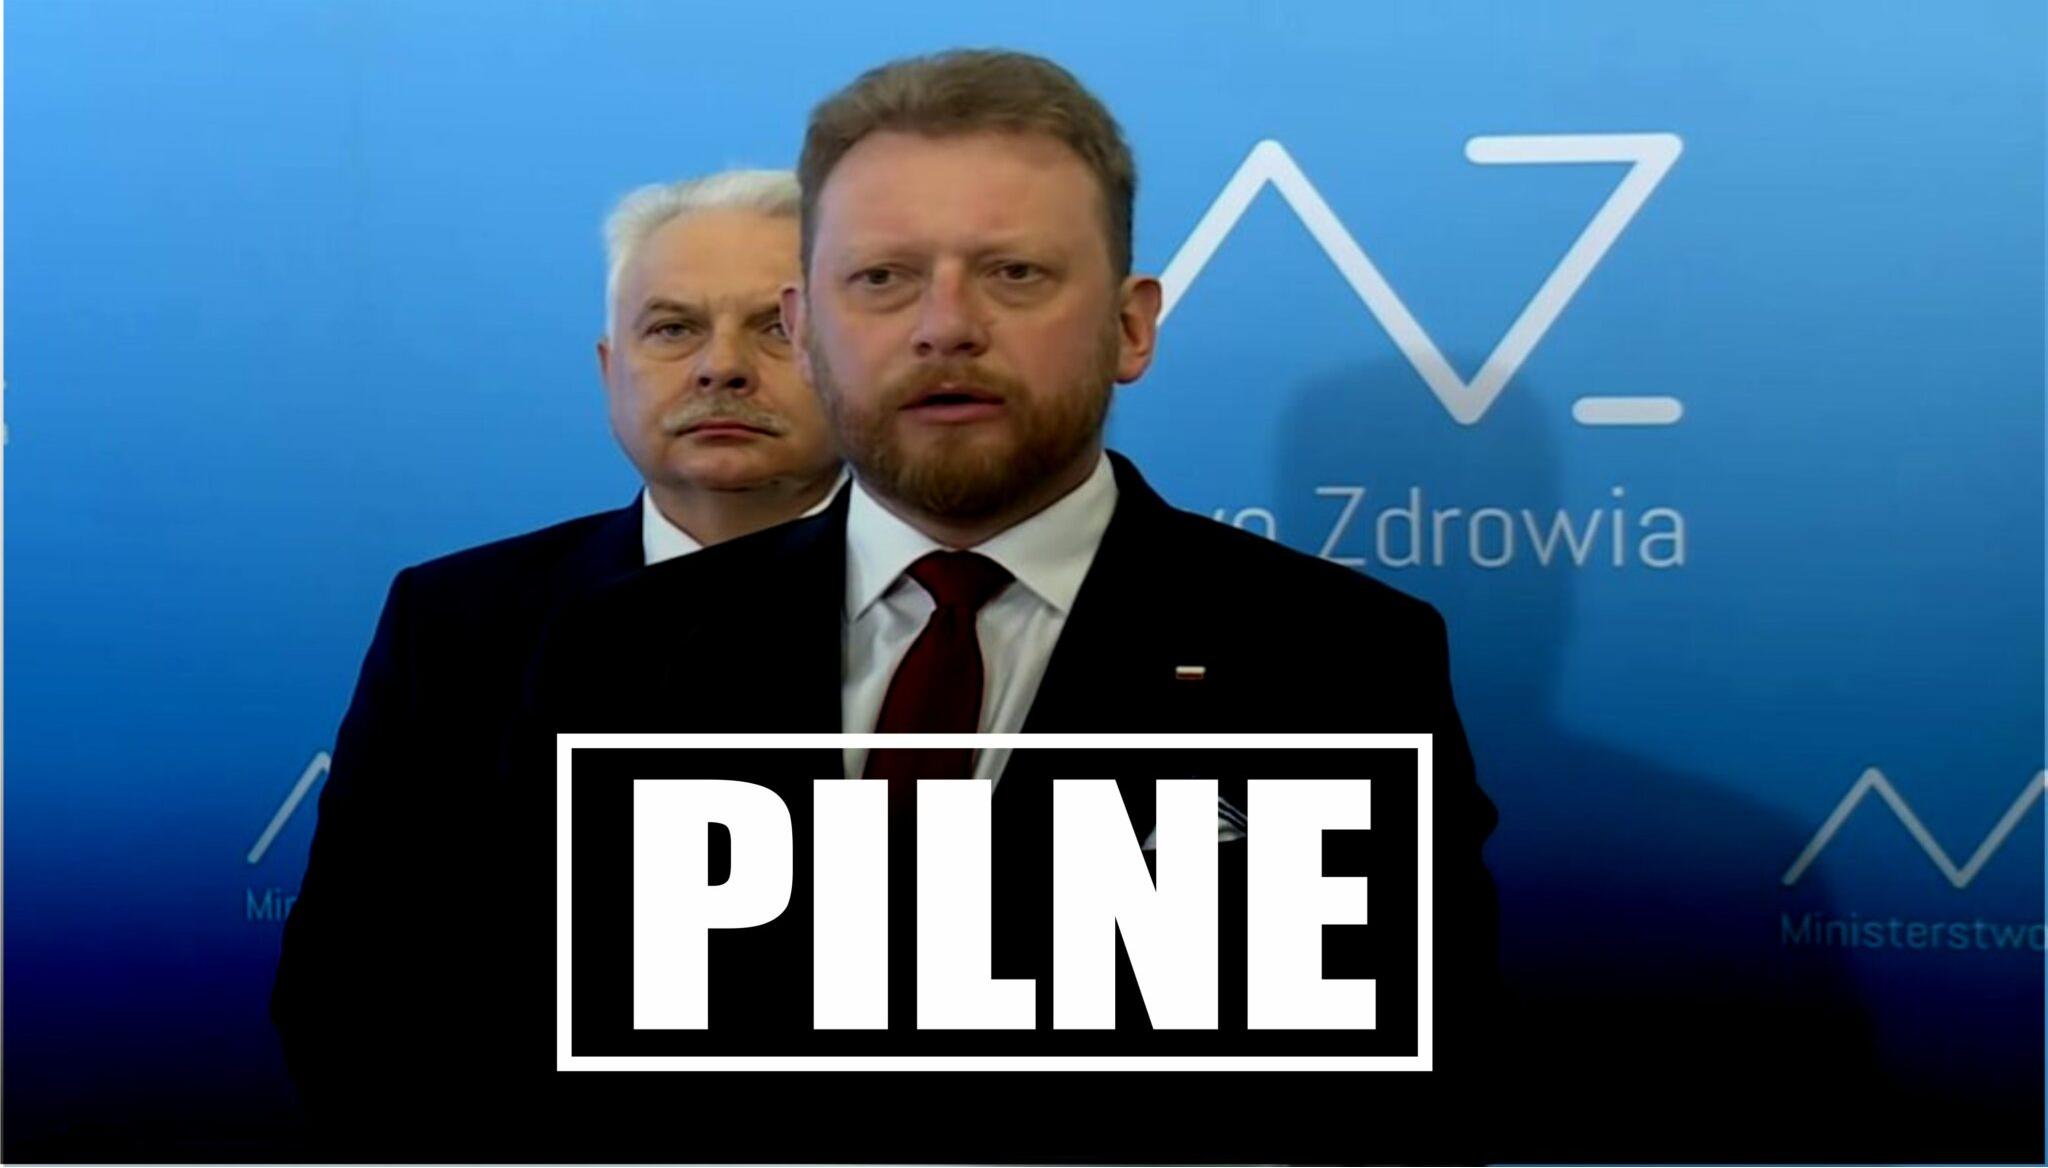 Pandemia w Polsce wybuchła w marcu. Rząd zadziałał wprowadzając ogrom obostrzeń aby zminimalizować ryzyko rozprzestrzenienia się koronawirusa.